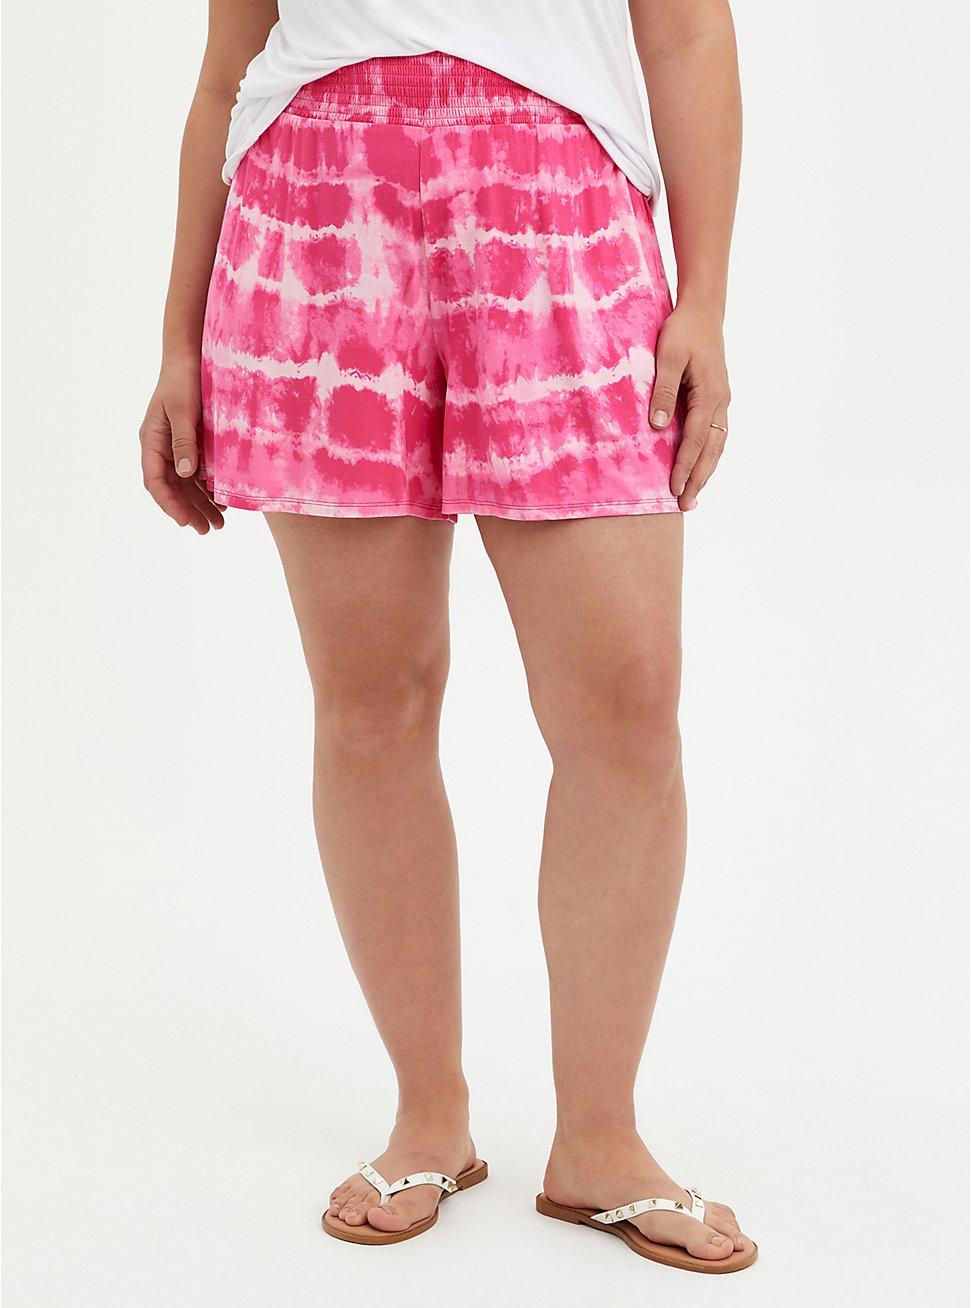 Plus Size Super Soft Pink Tie Dye Short, TIE DYE, hi-res